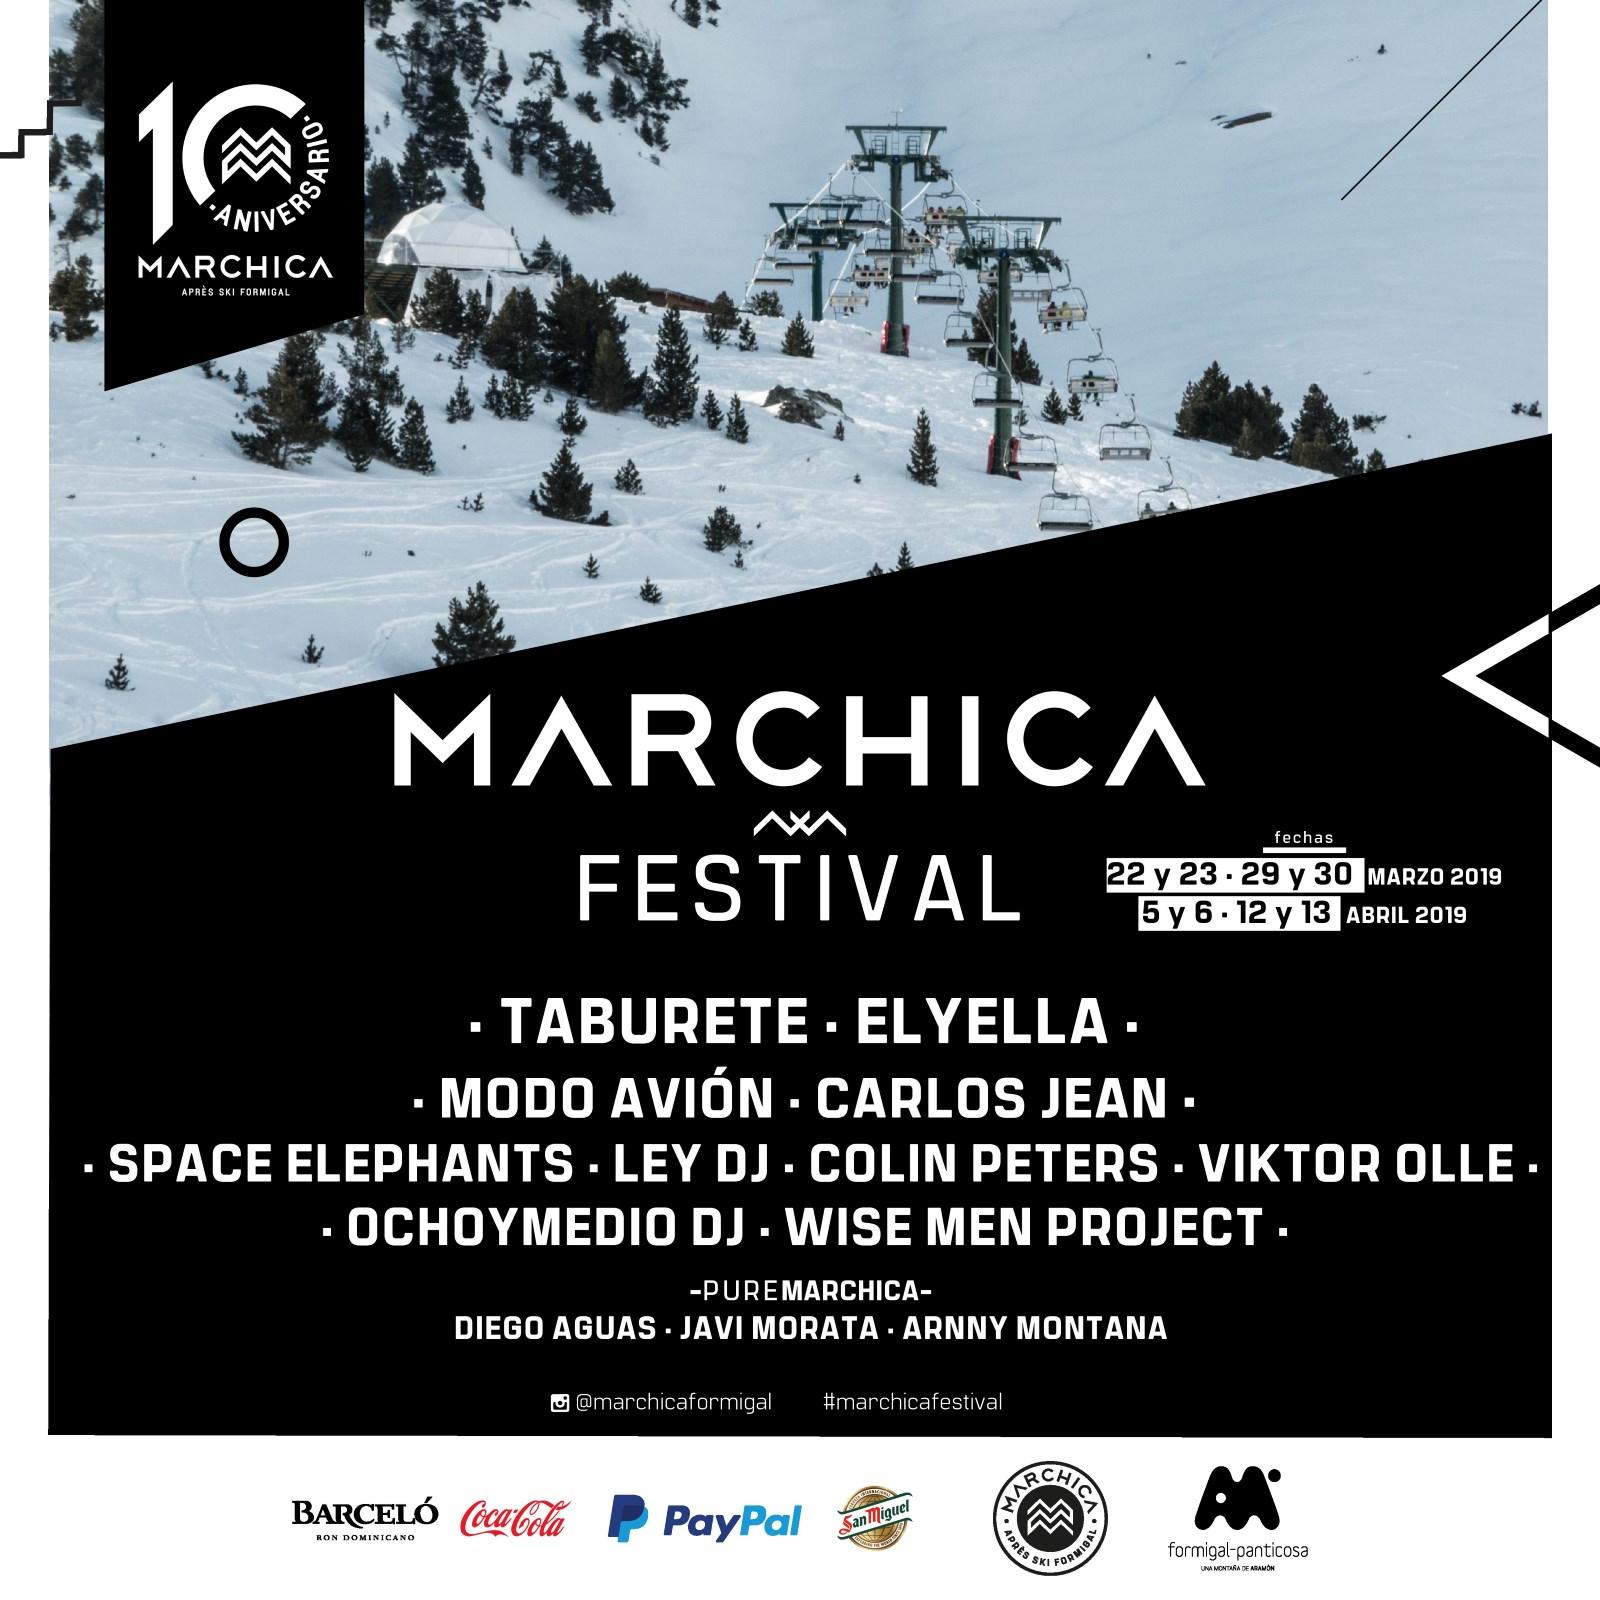 Plakat-Marchica-Festival